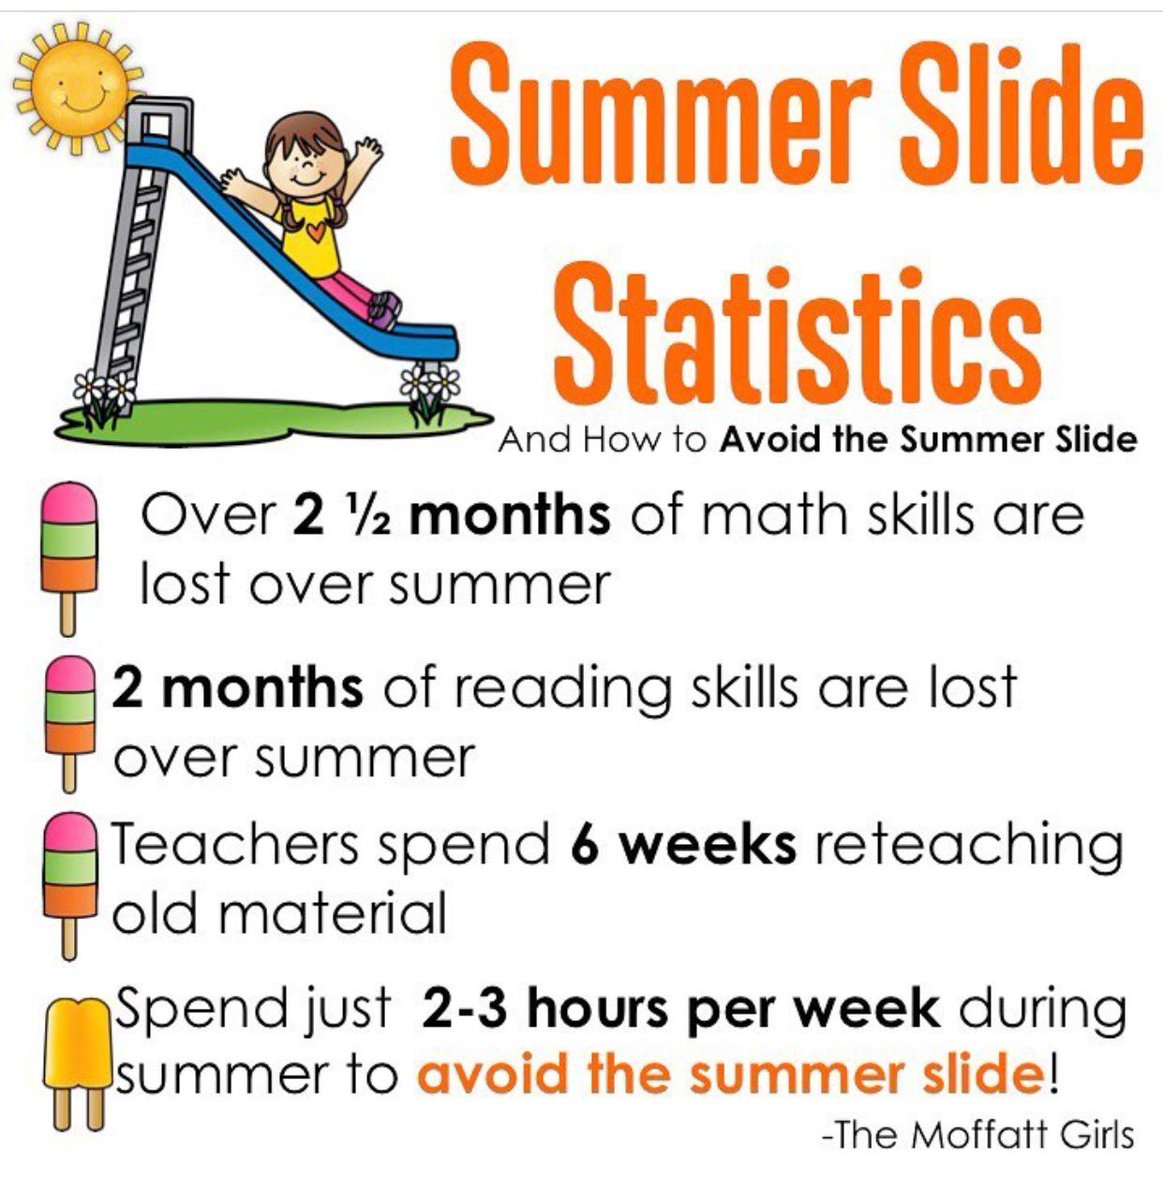 summer slide statistics by the moffatt girls